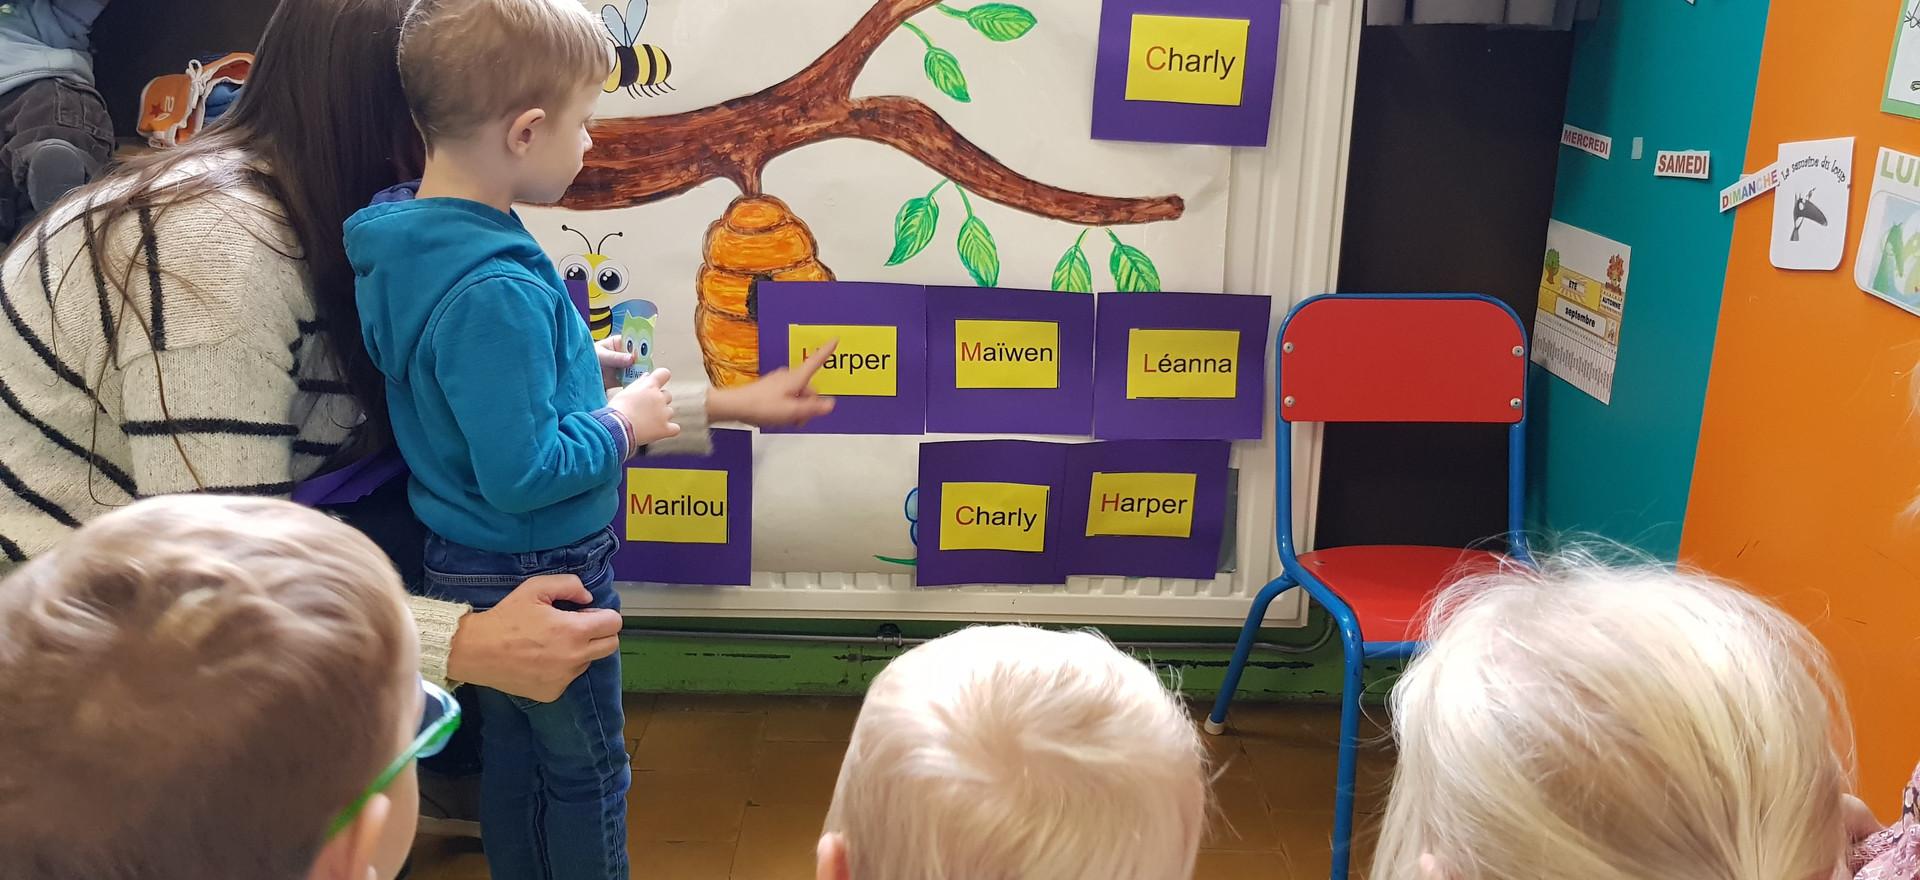 À l'école maternelle, on n'apprend pas à lire, mais on s'y prépare très activement. Dès l'entrée en accueil le travail sur le langage, le vocabulaire et la prise d'indices fait partie intégrante de cette préparation.